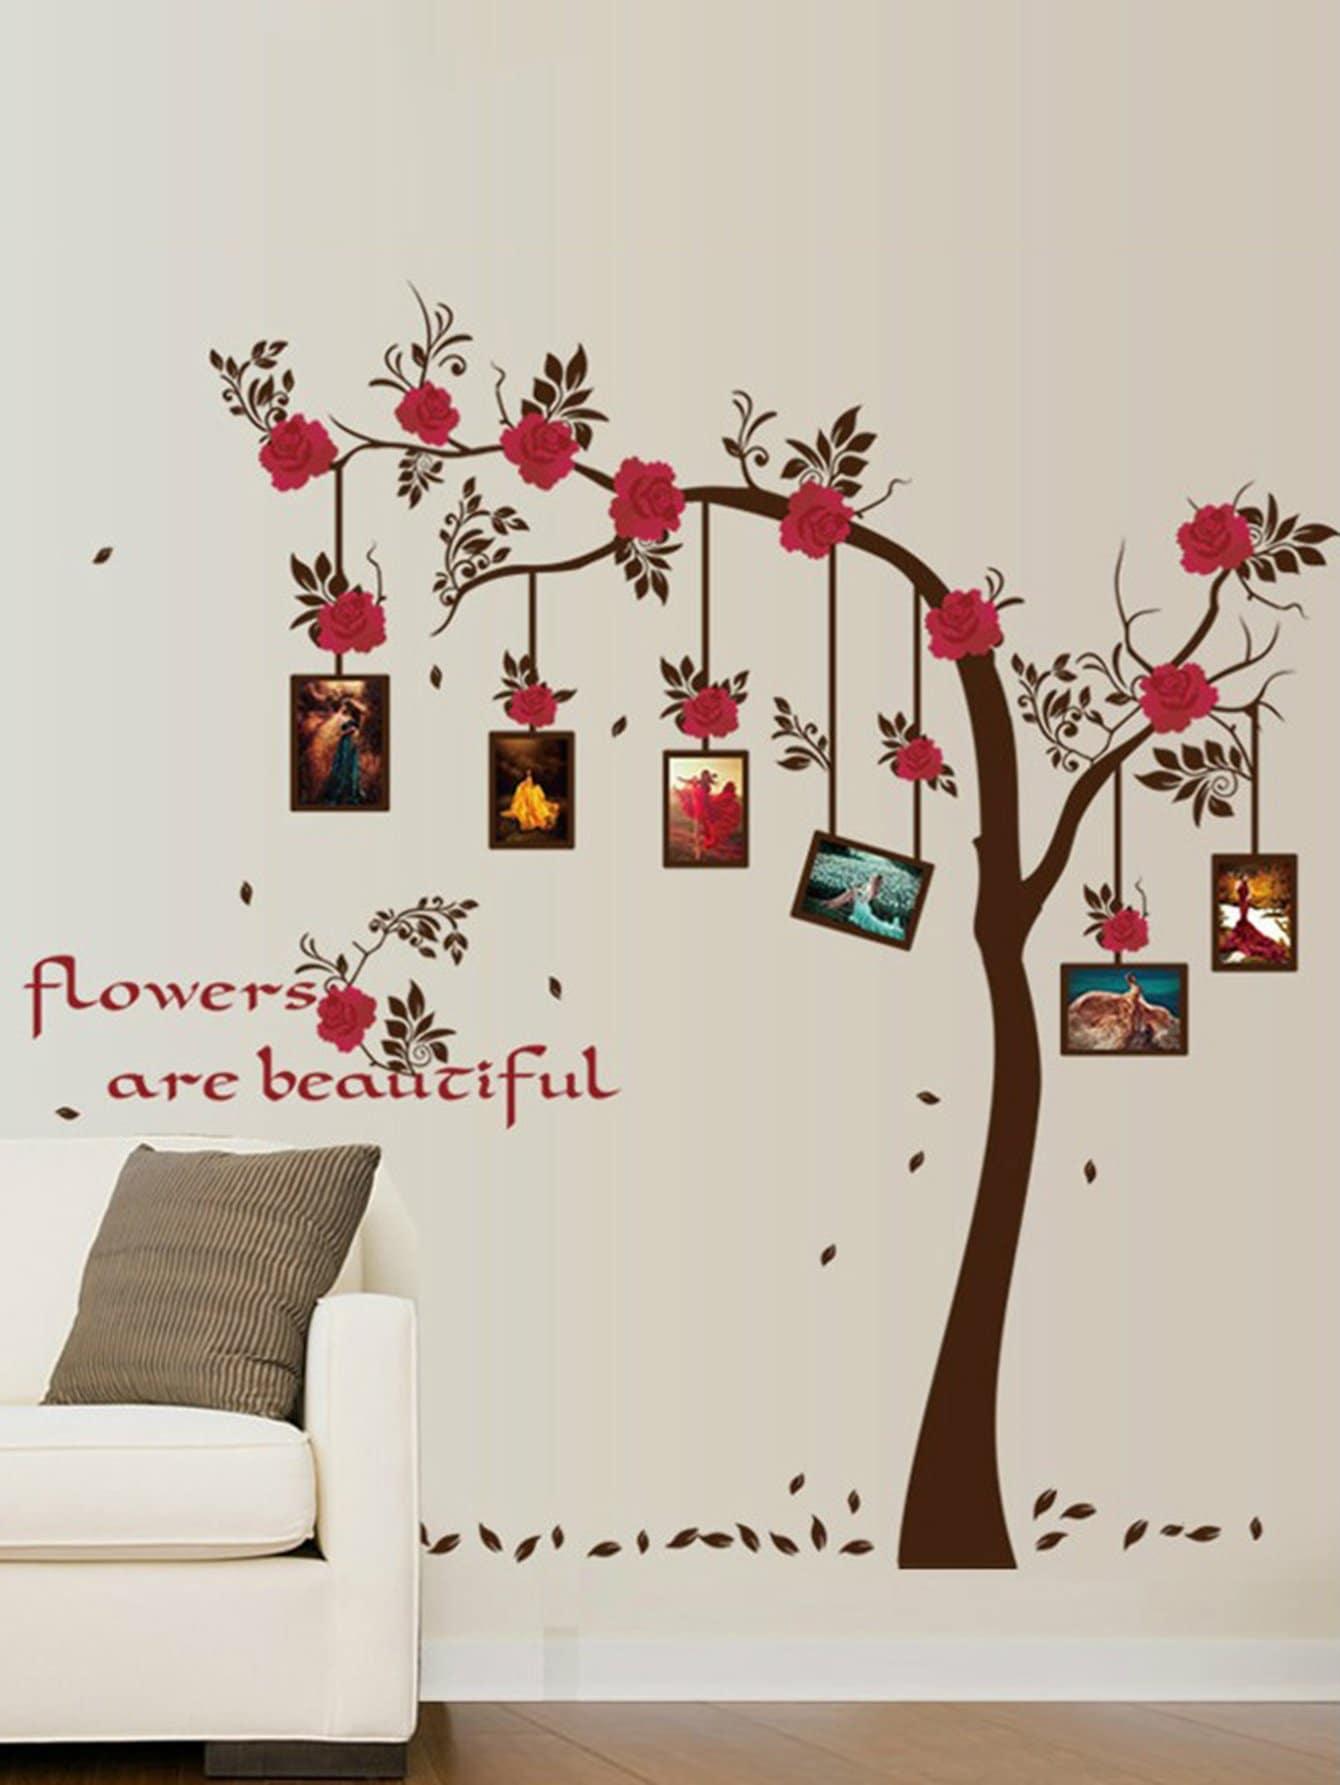 Купить Стикер на стену фоторамка в цветочек, null, SheIn